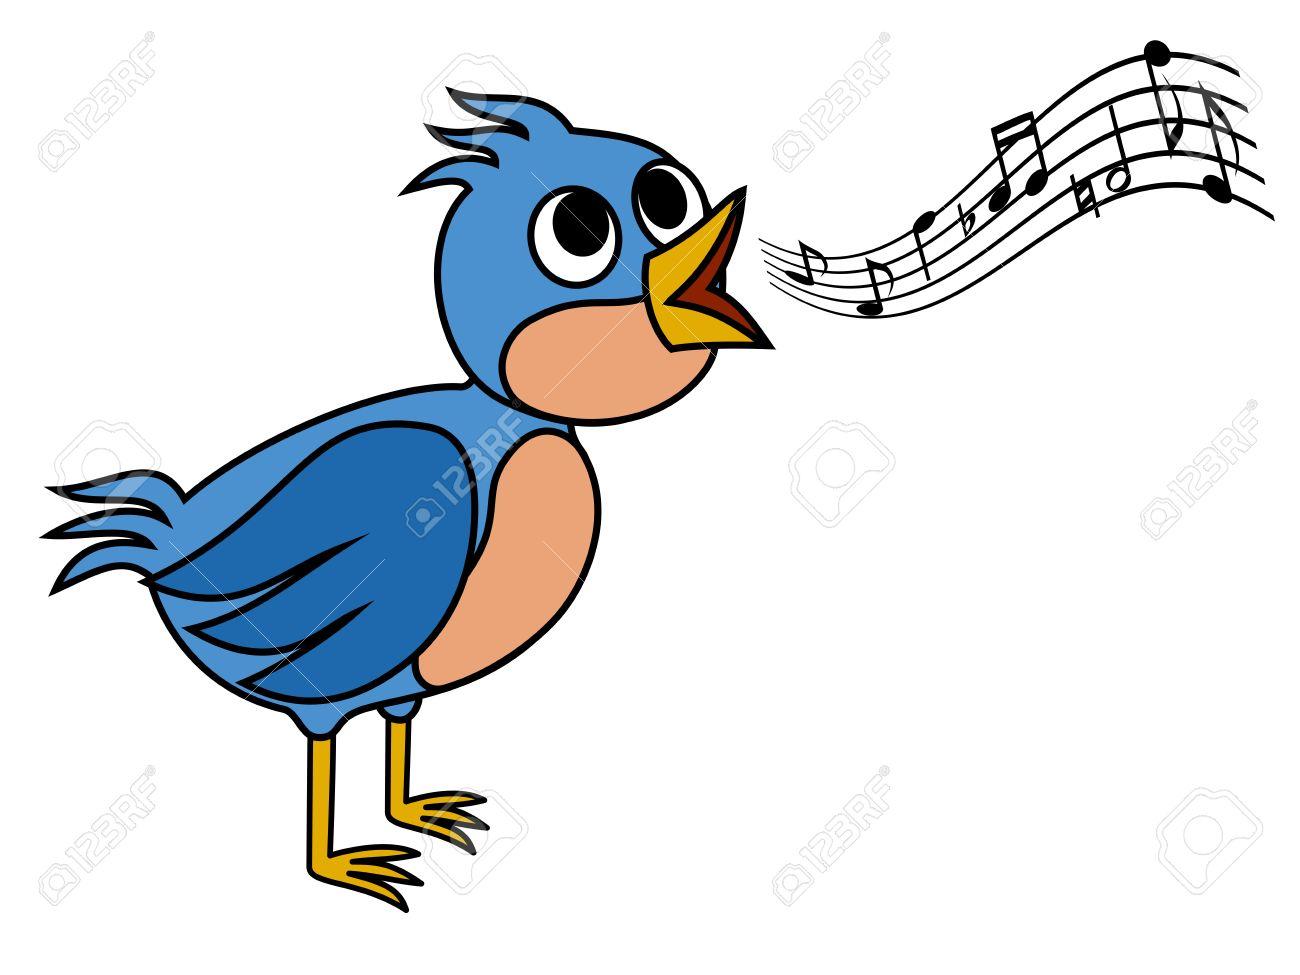 Singing bird.